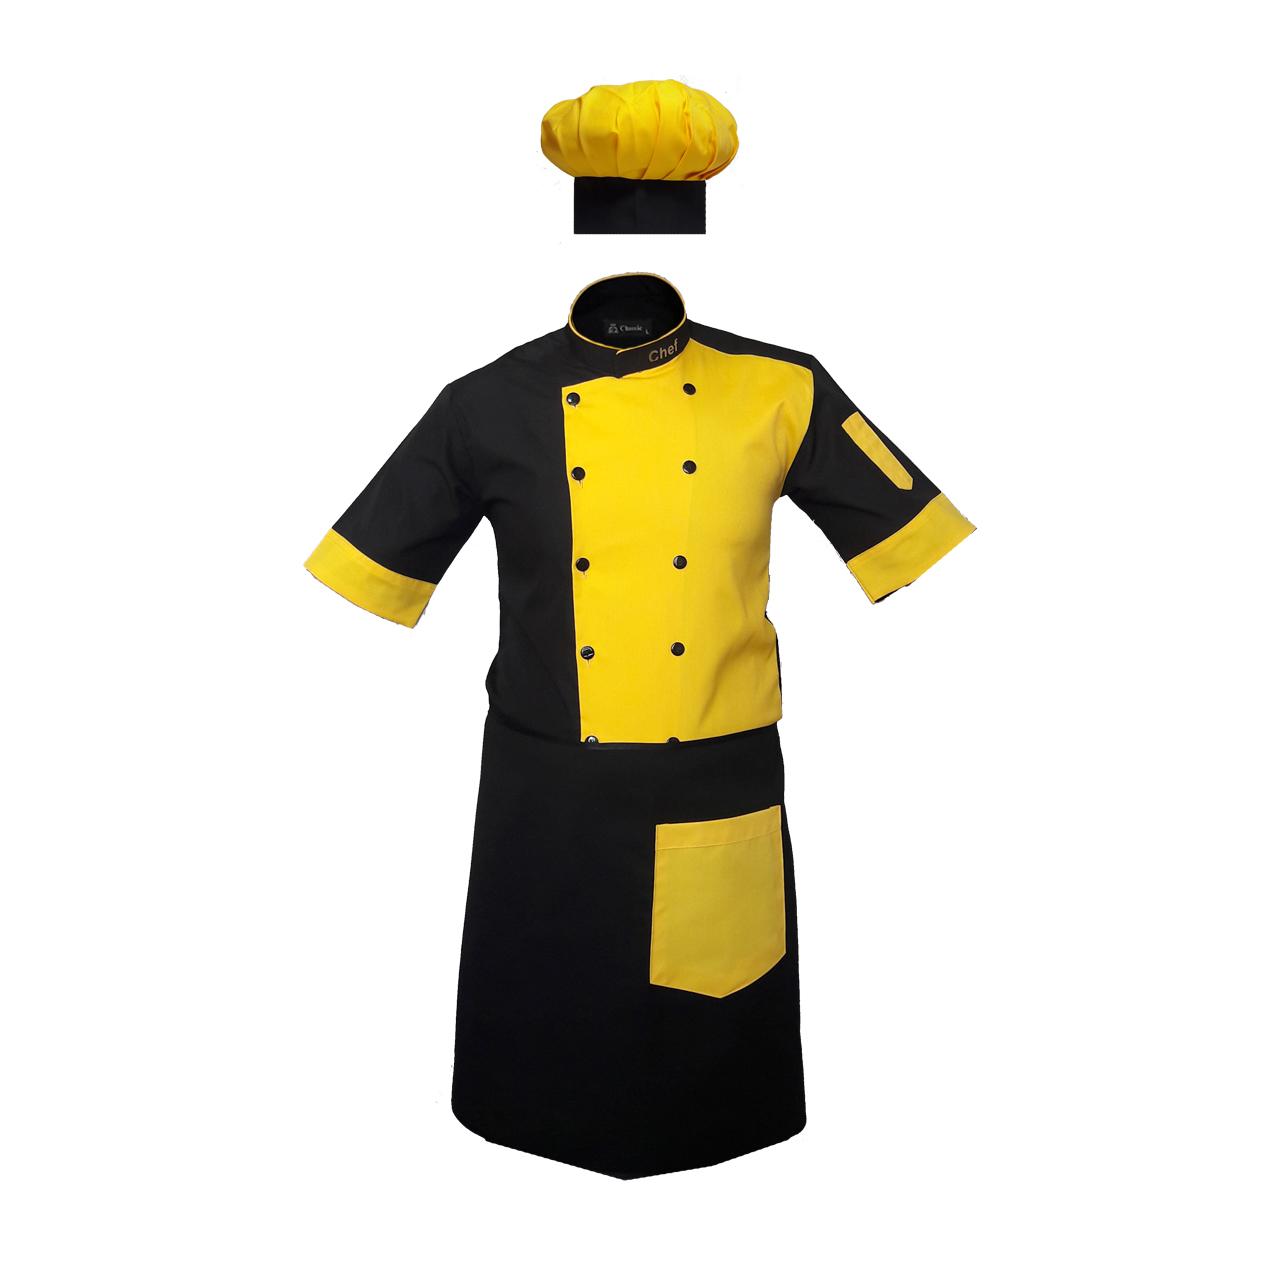 تصویر لباس کار مدل A32 رنگ زرد